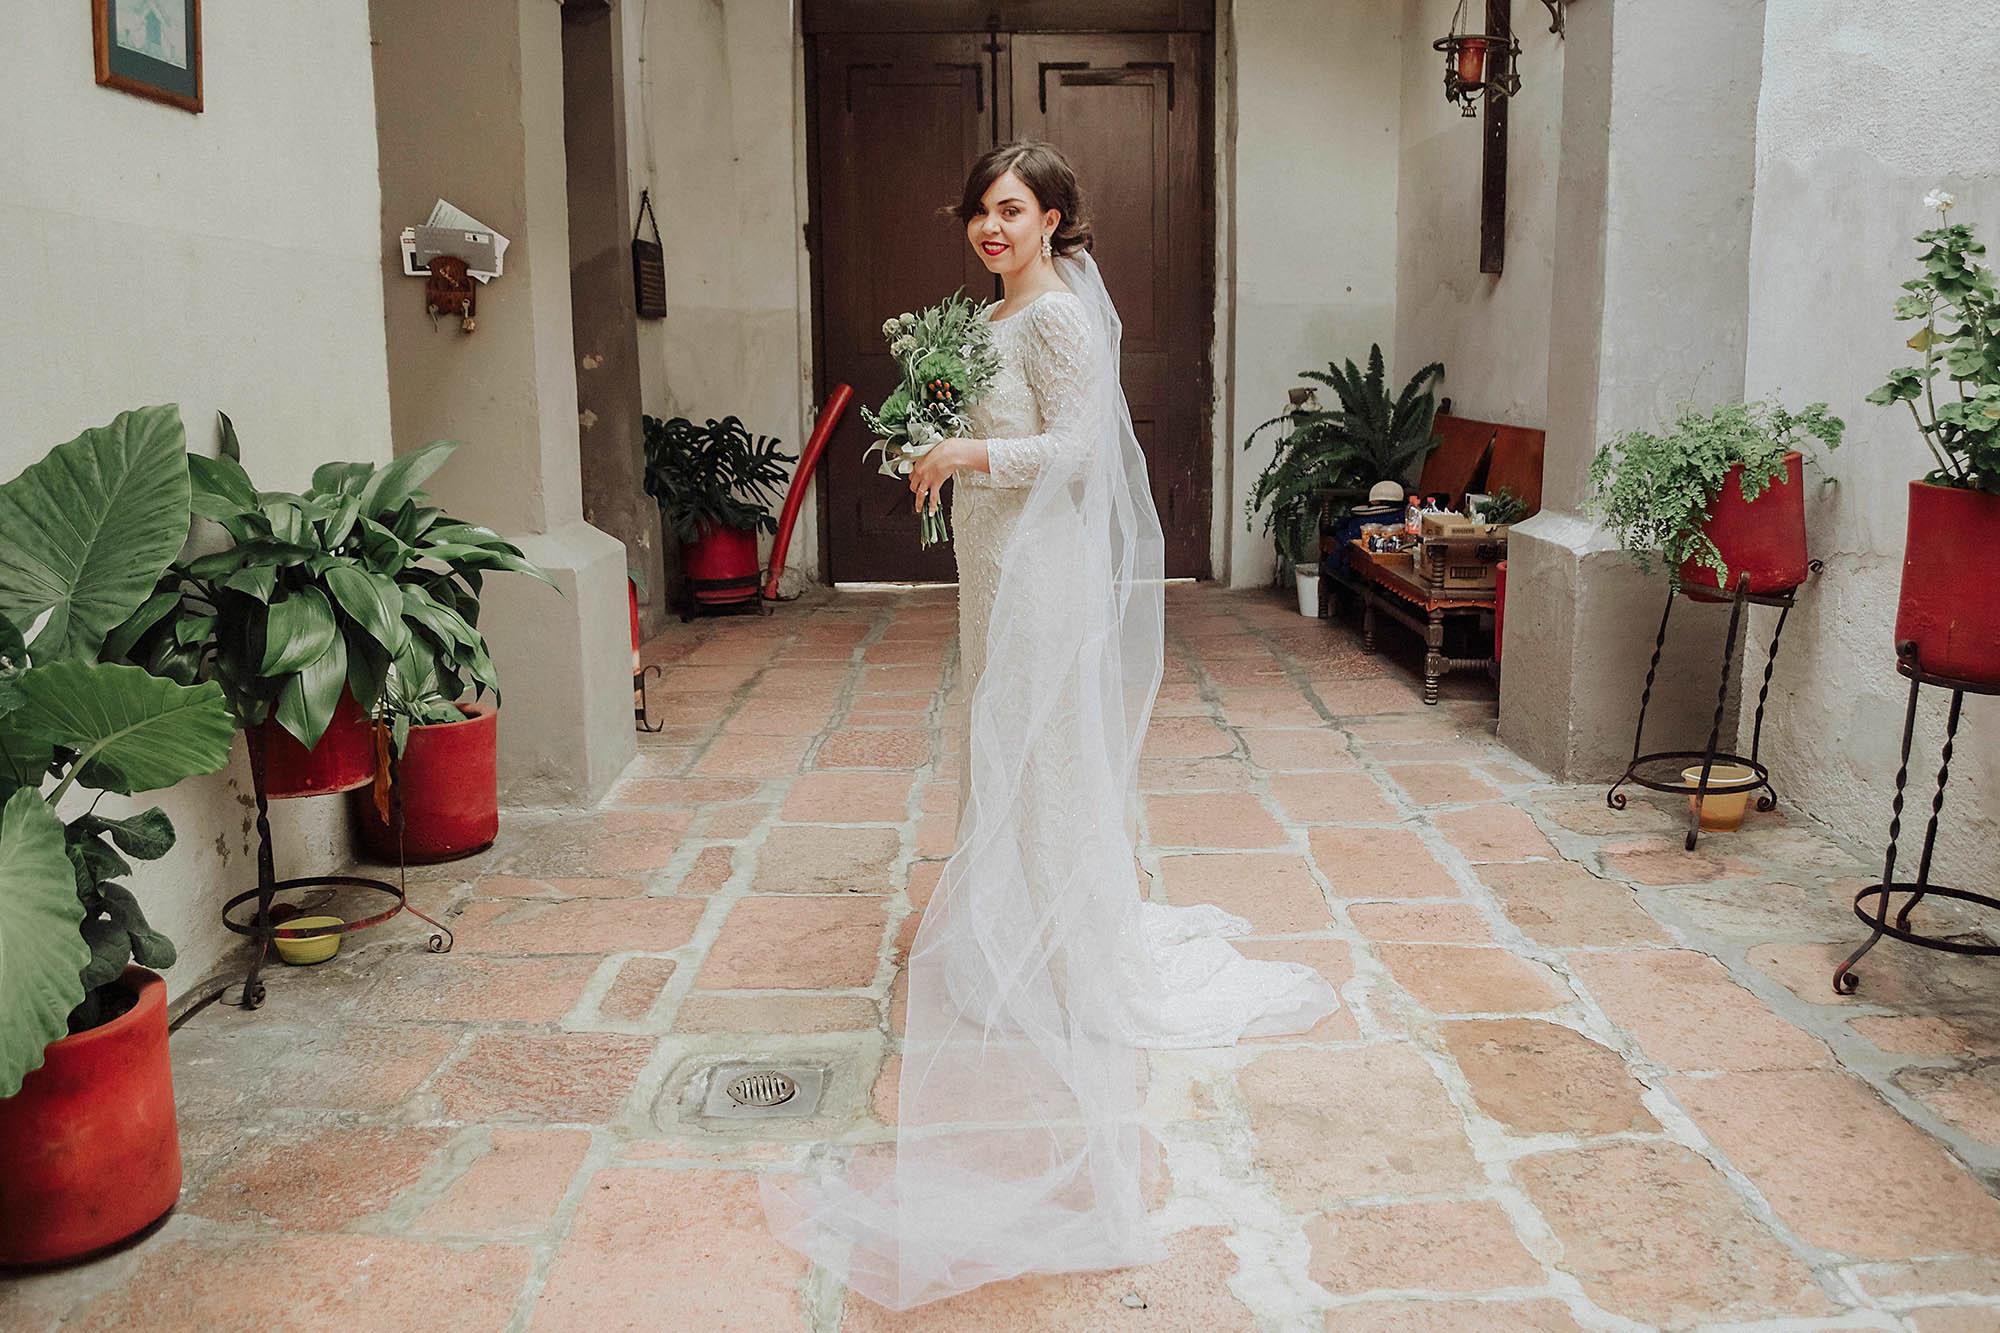 fotografia-de-boda-destino-Jimena-Mañon-Javier-Mere-66.jpg